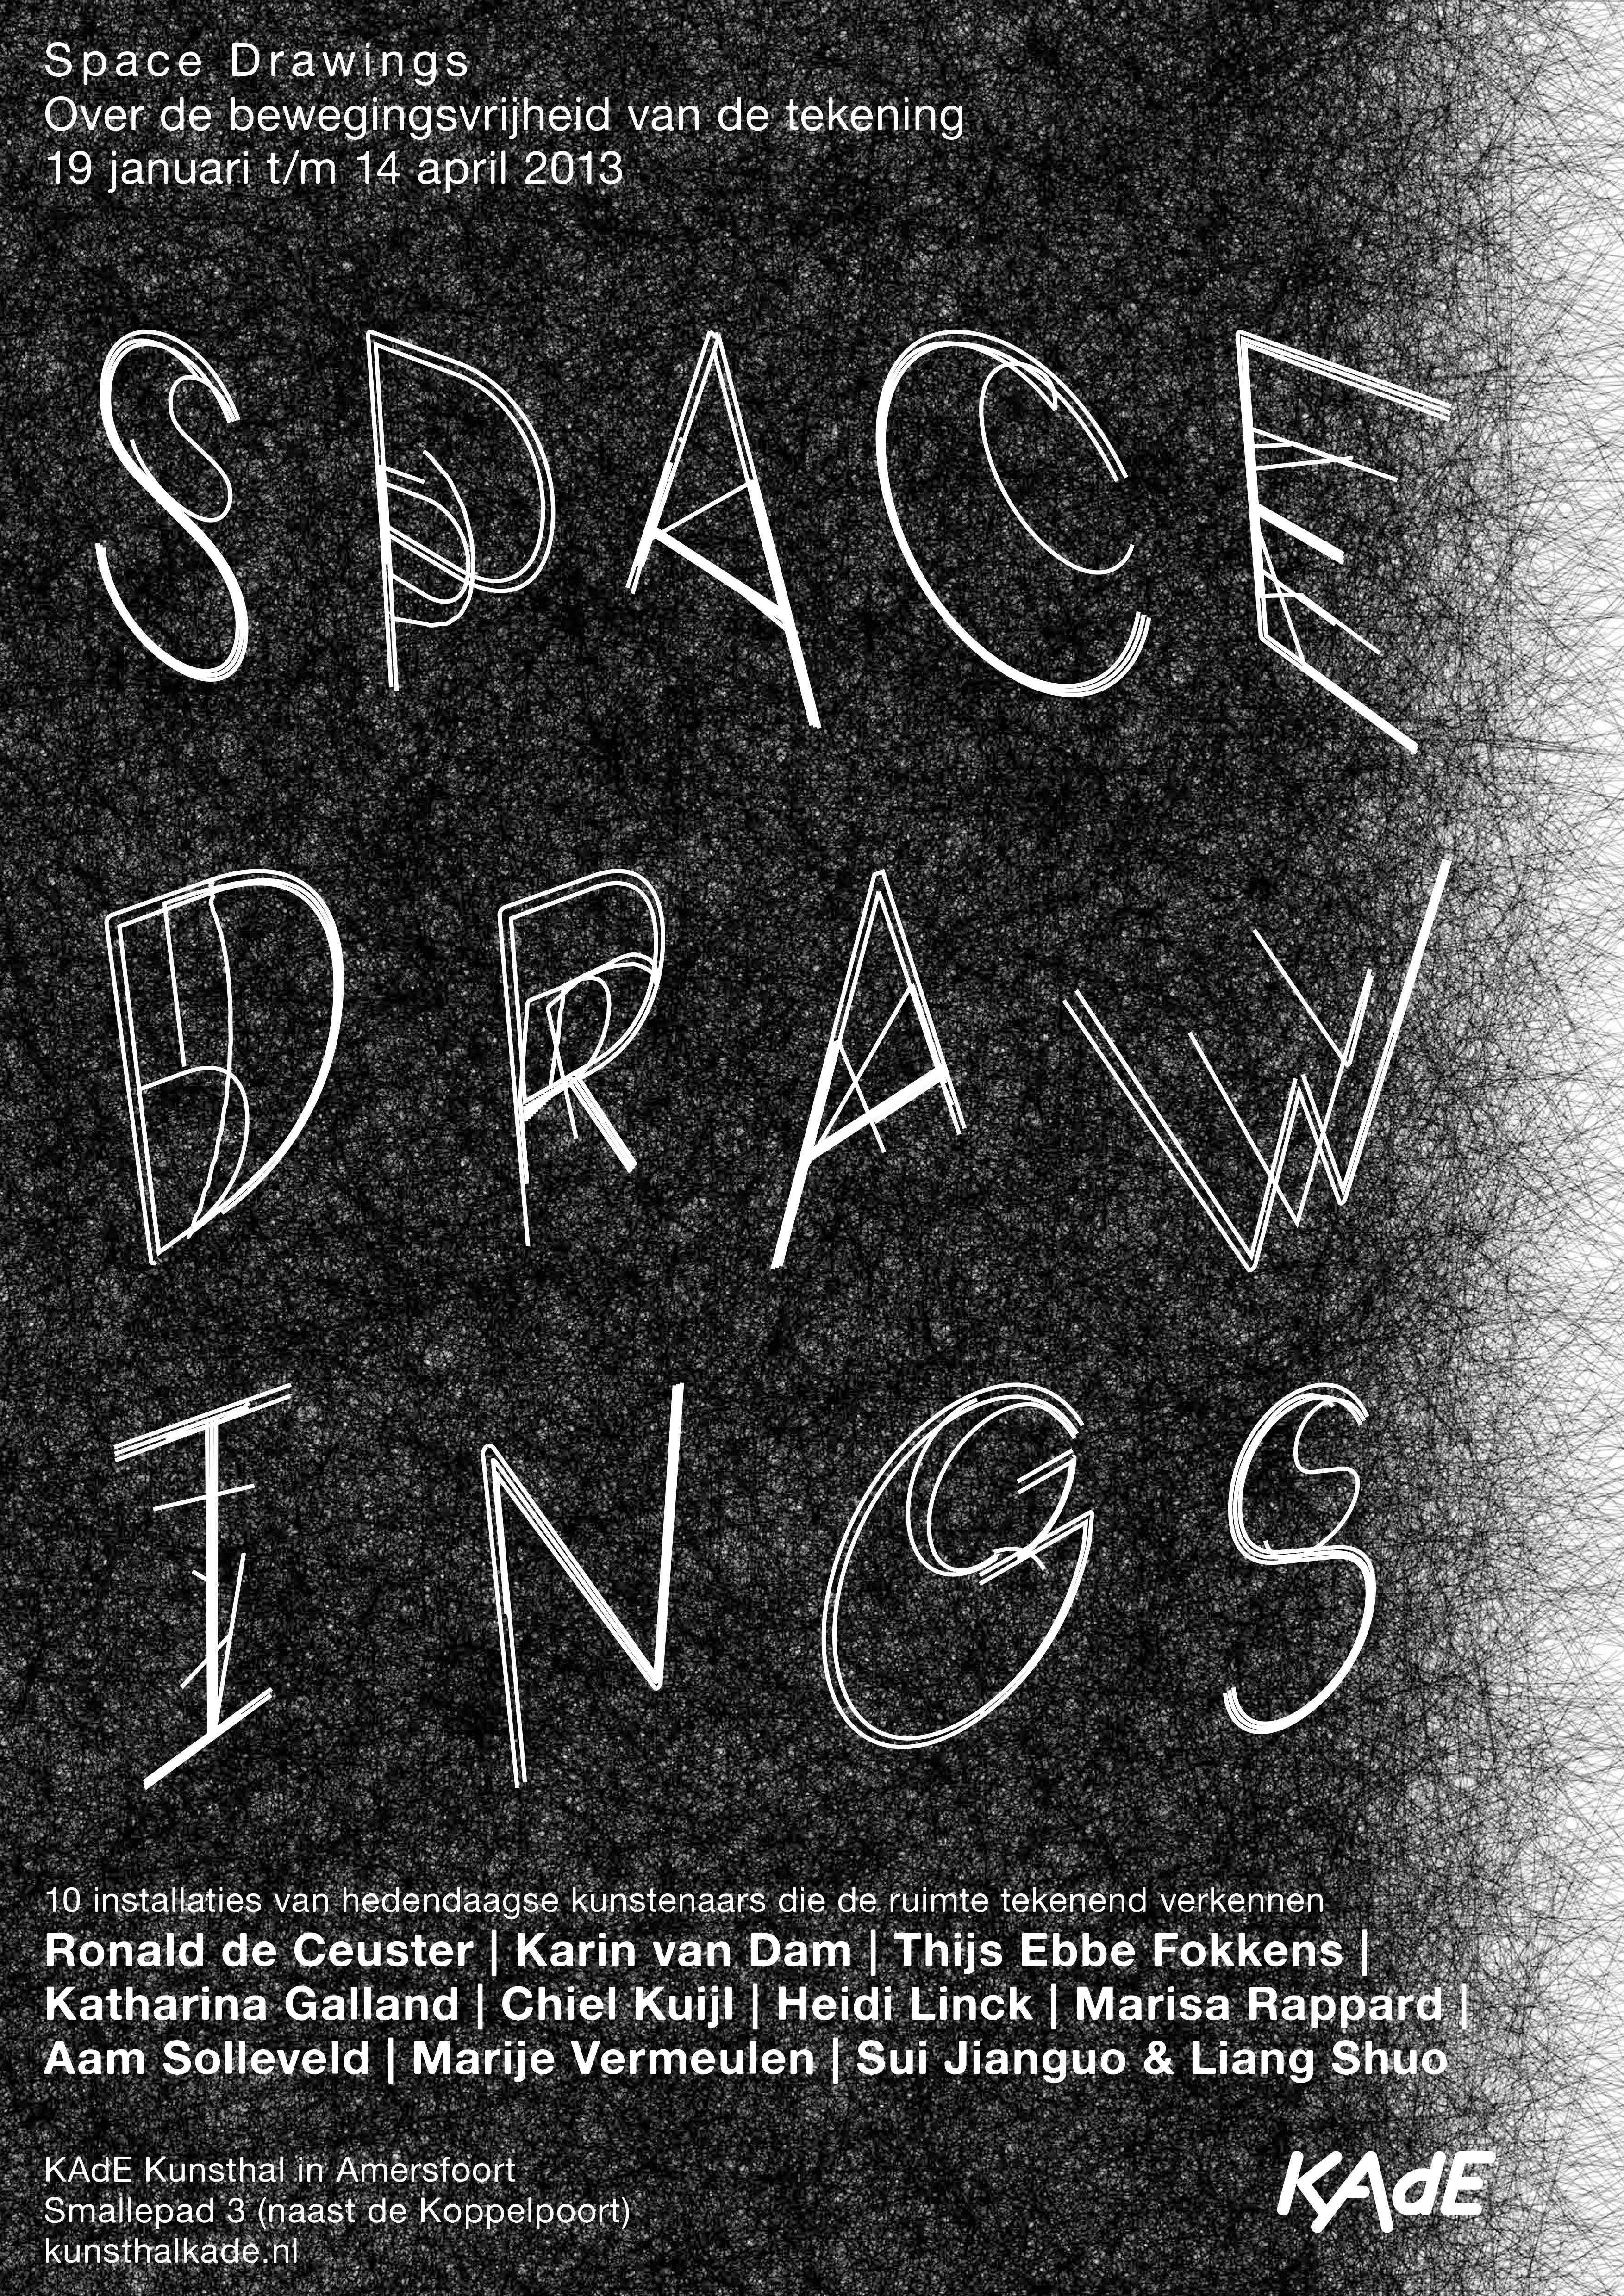 A3_poster_def_space drawings.jpg